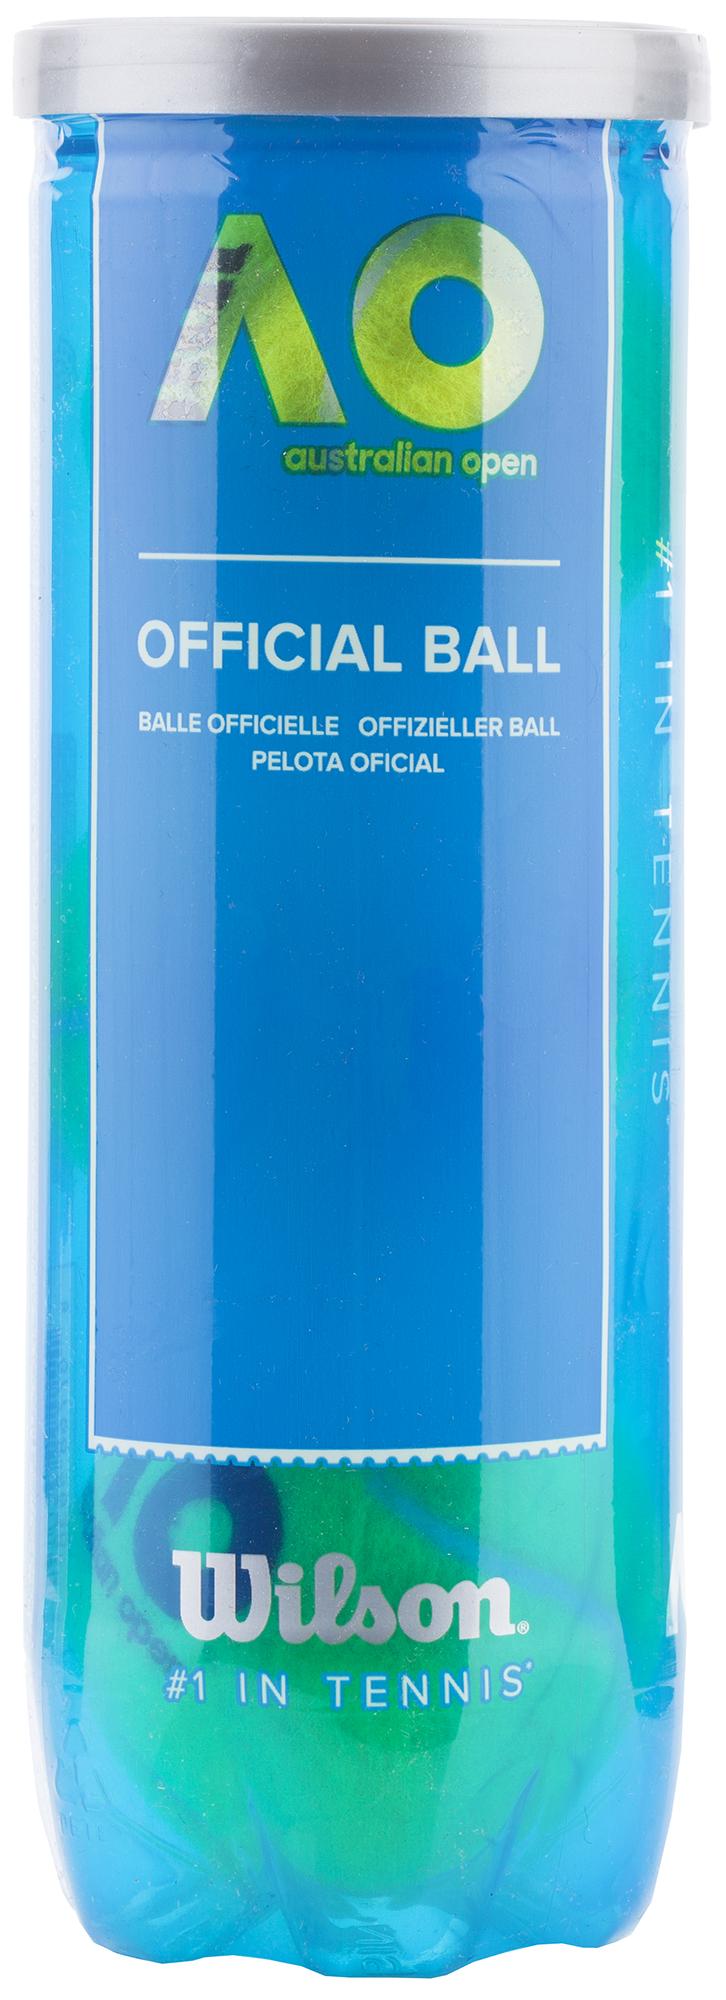 Wilson Набор мячей для большого тенниса Wilson AUSTRALIAN OPEN 3 BALL CAN мячи теннисные wilson australian open 3 ball